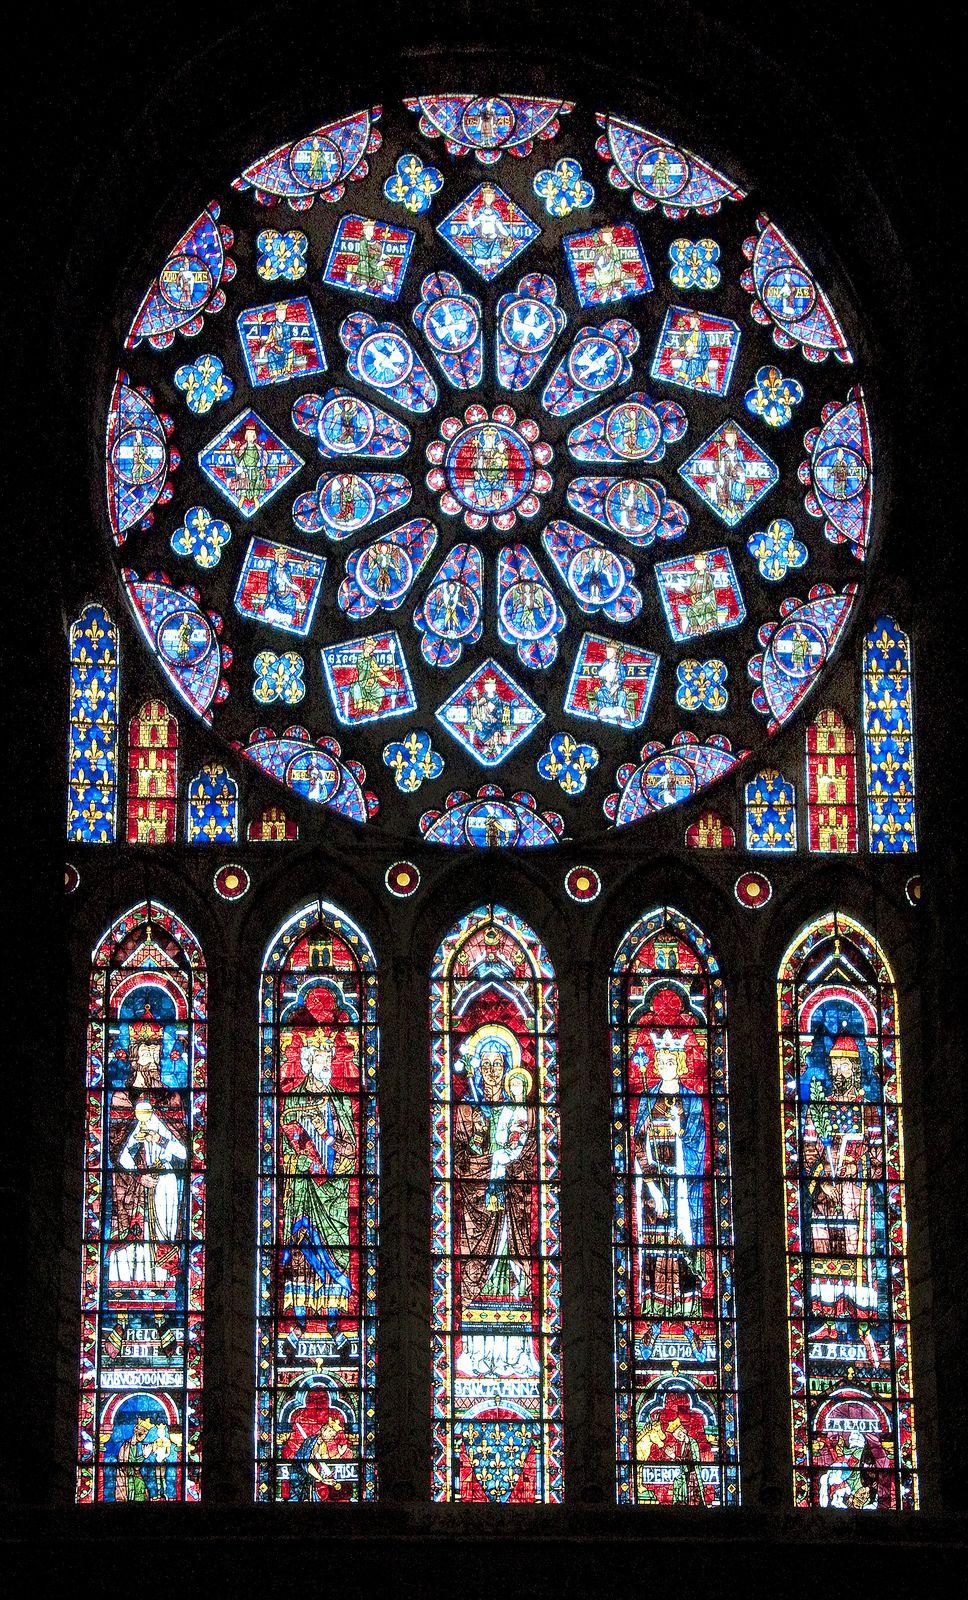 chartres rose window vitraux architecture gothique et cathédrales